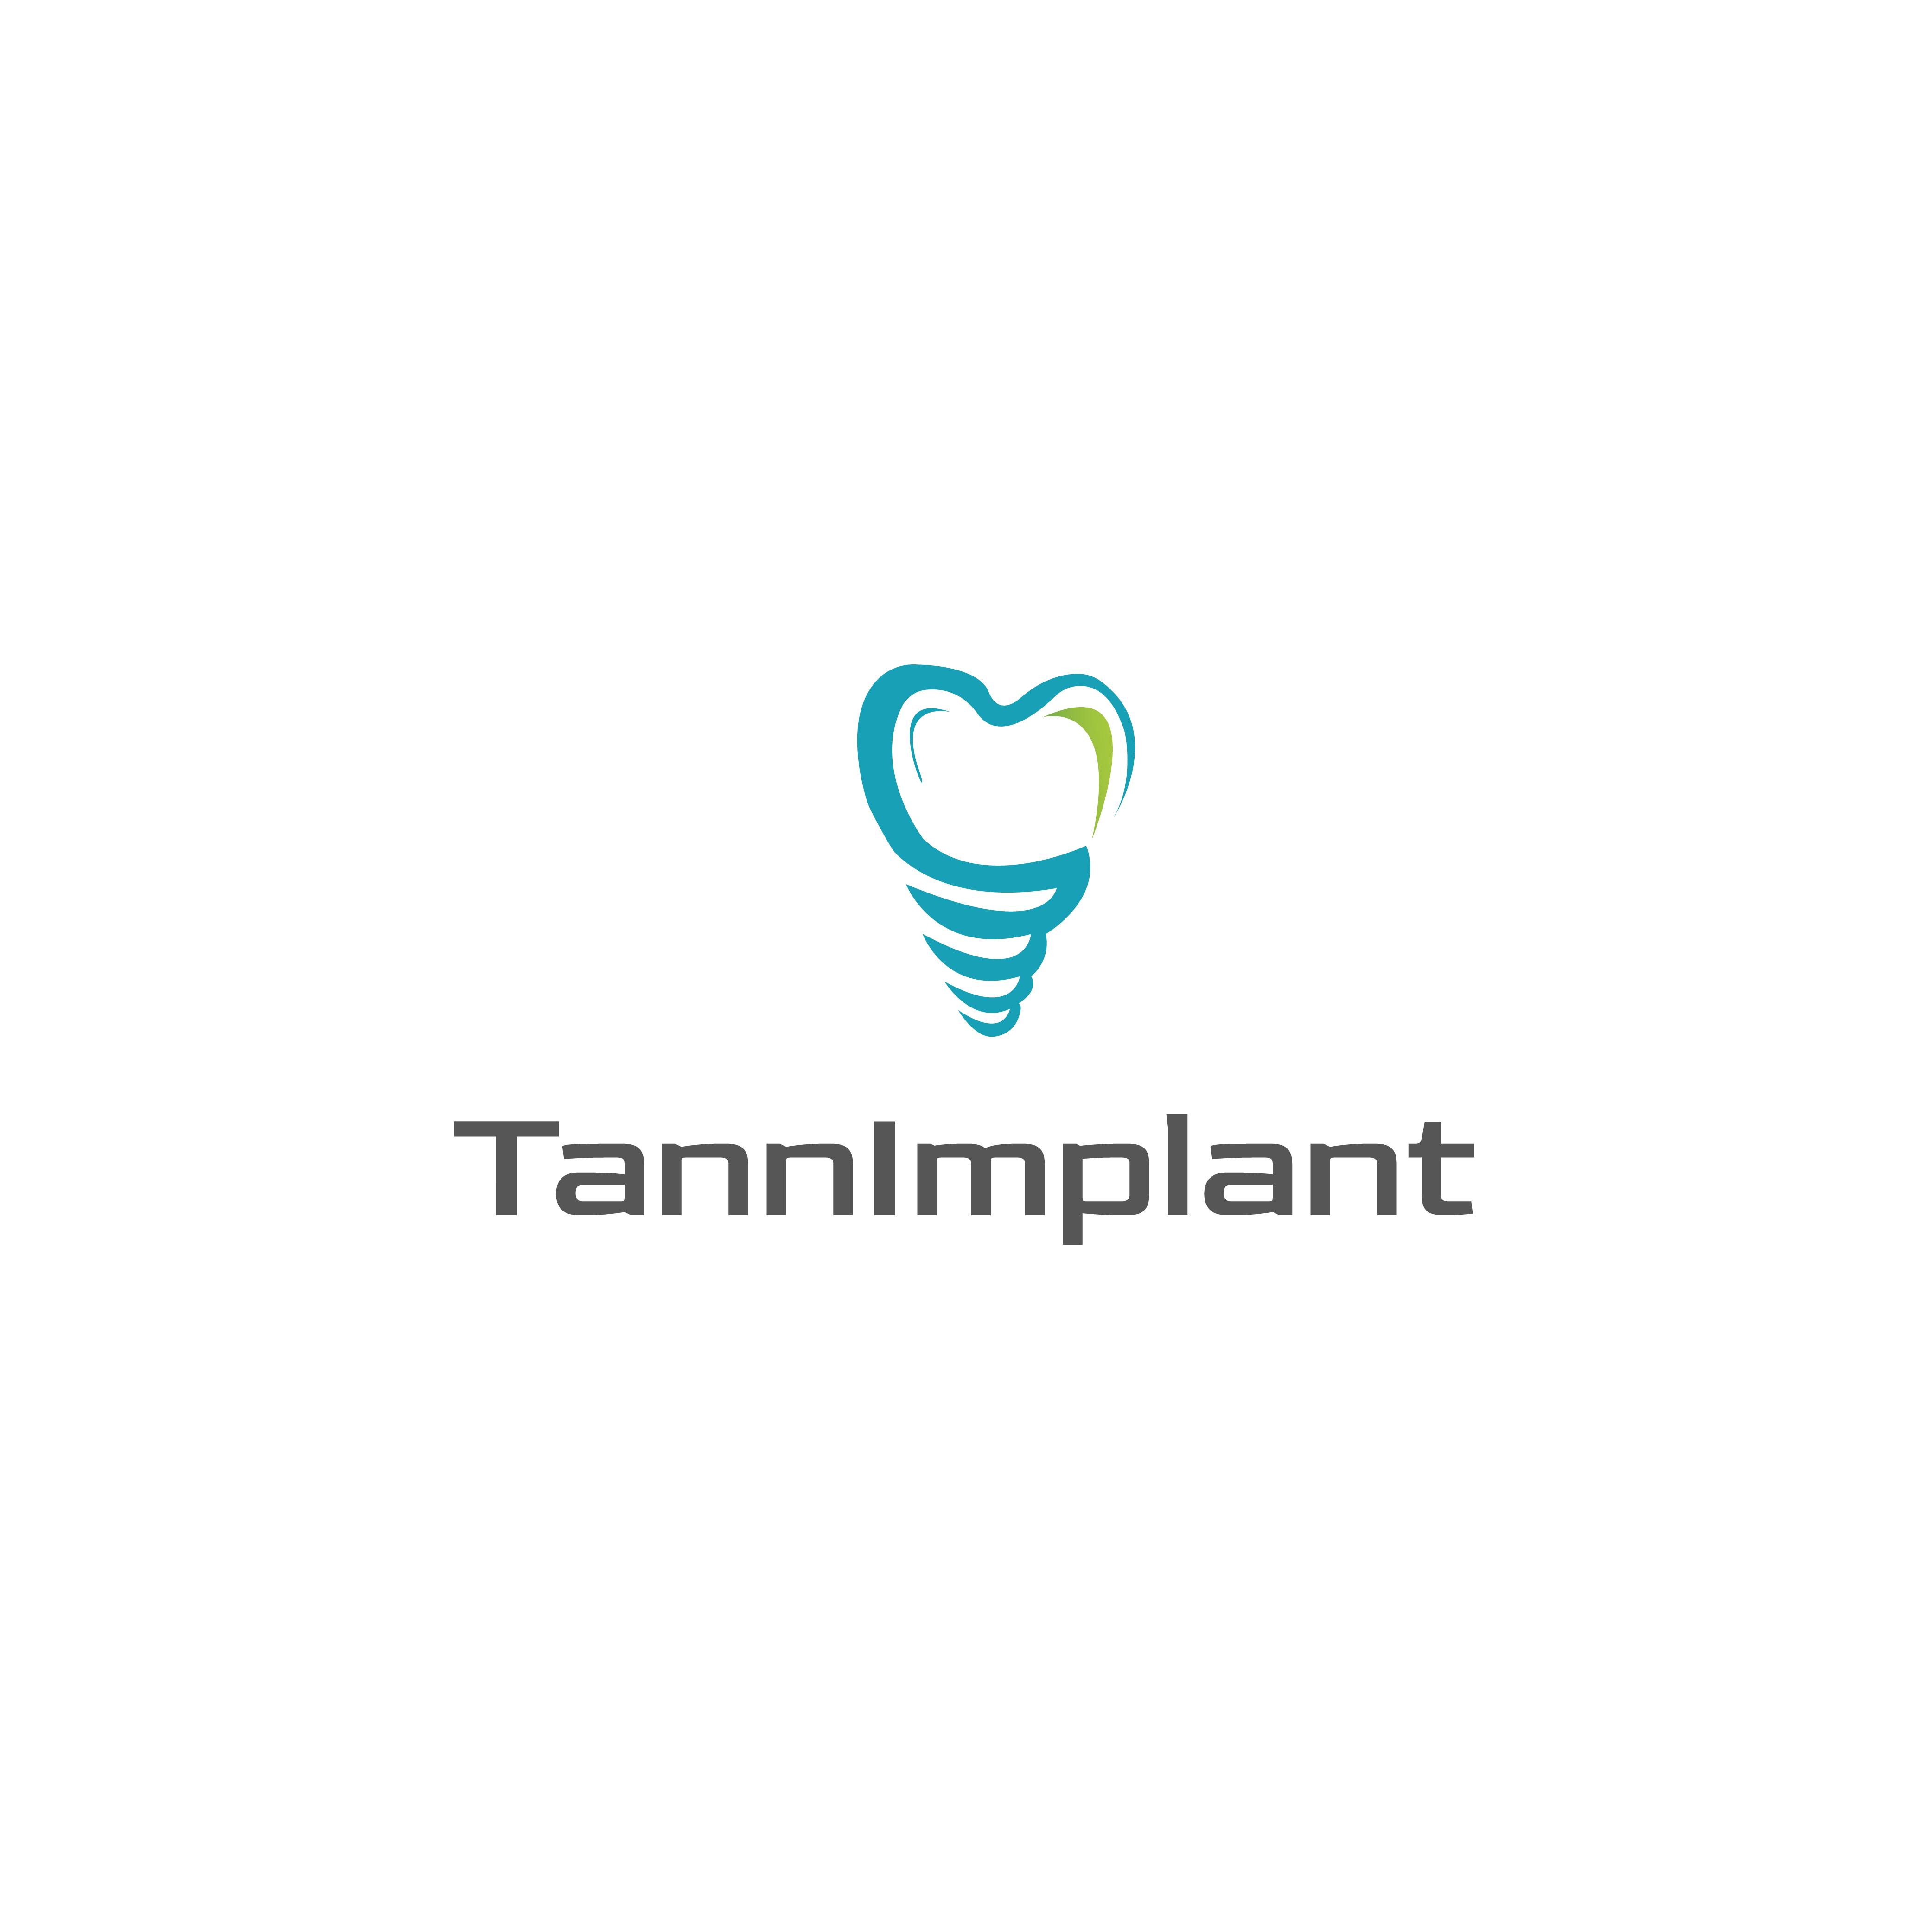 tannimplant